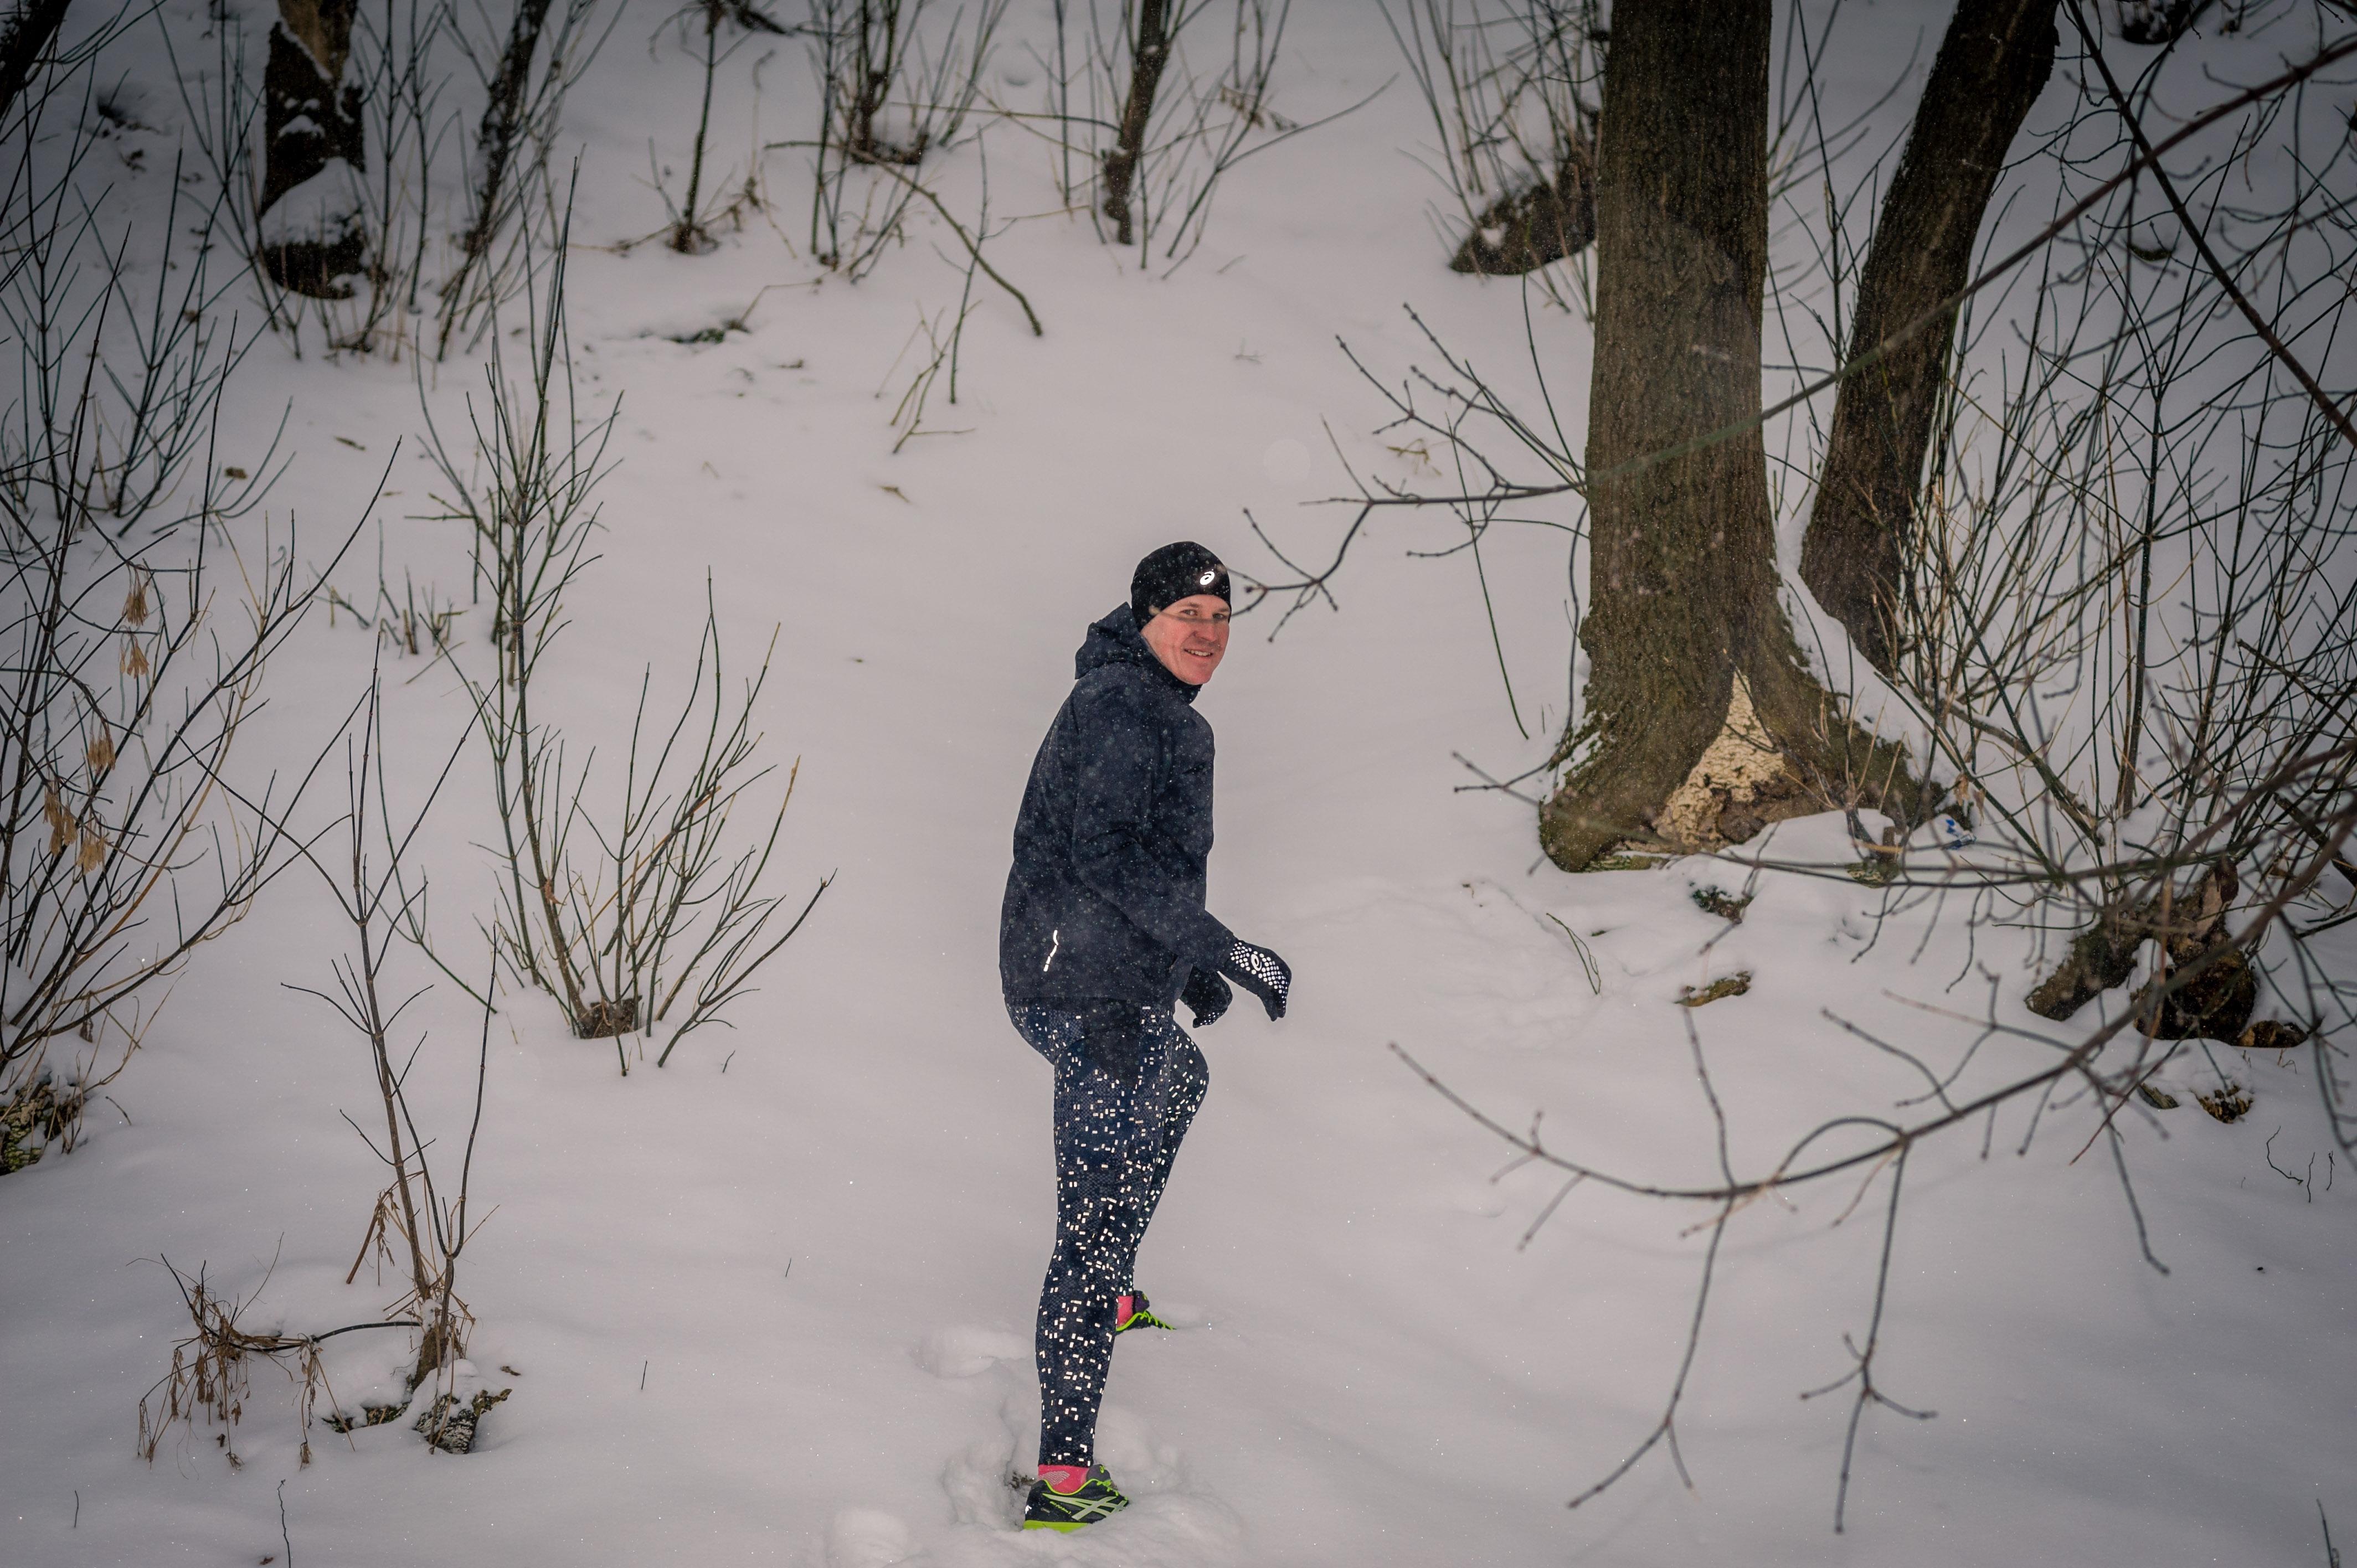 1ea87e57 Вывод: кроссовки имеют достаточно узкую специализацию - зимний трейл, либо  бег по льду. Кроссовки, по мнению многих, являются лучшими в своем классе и  их ...